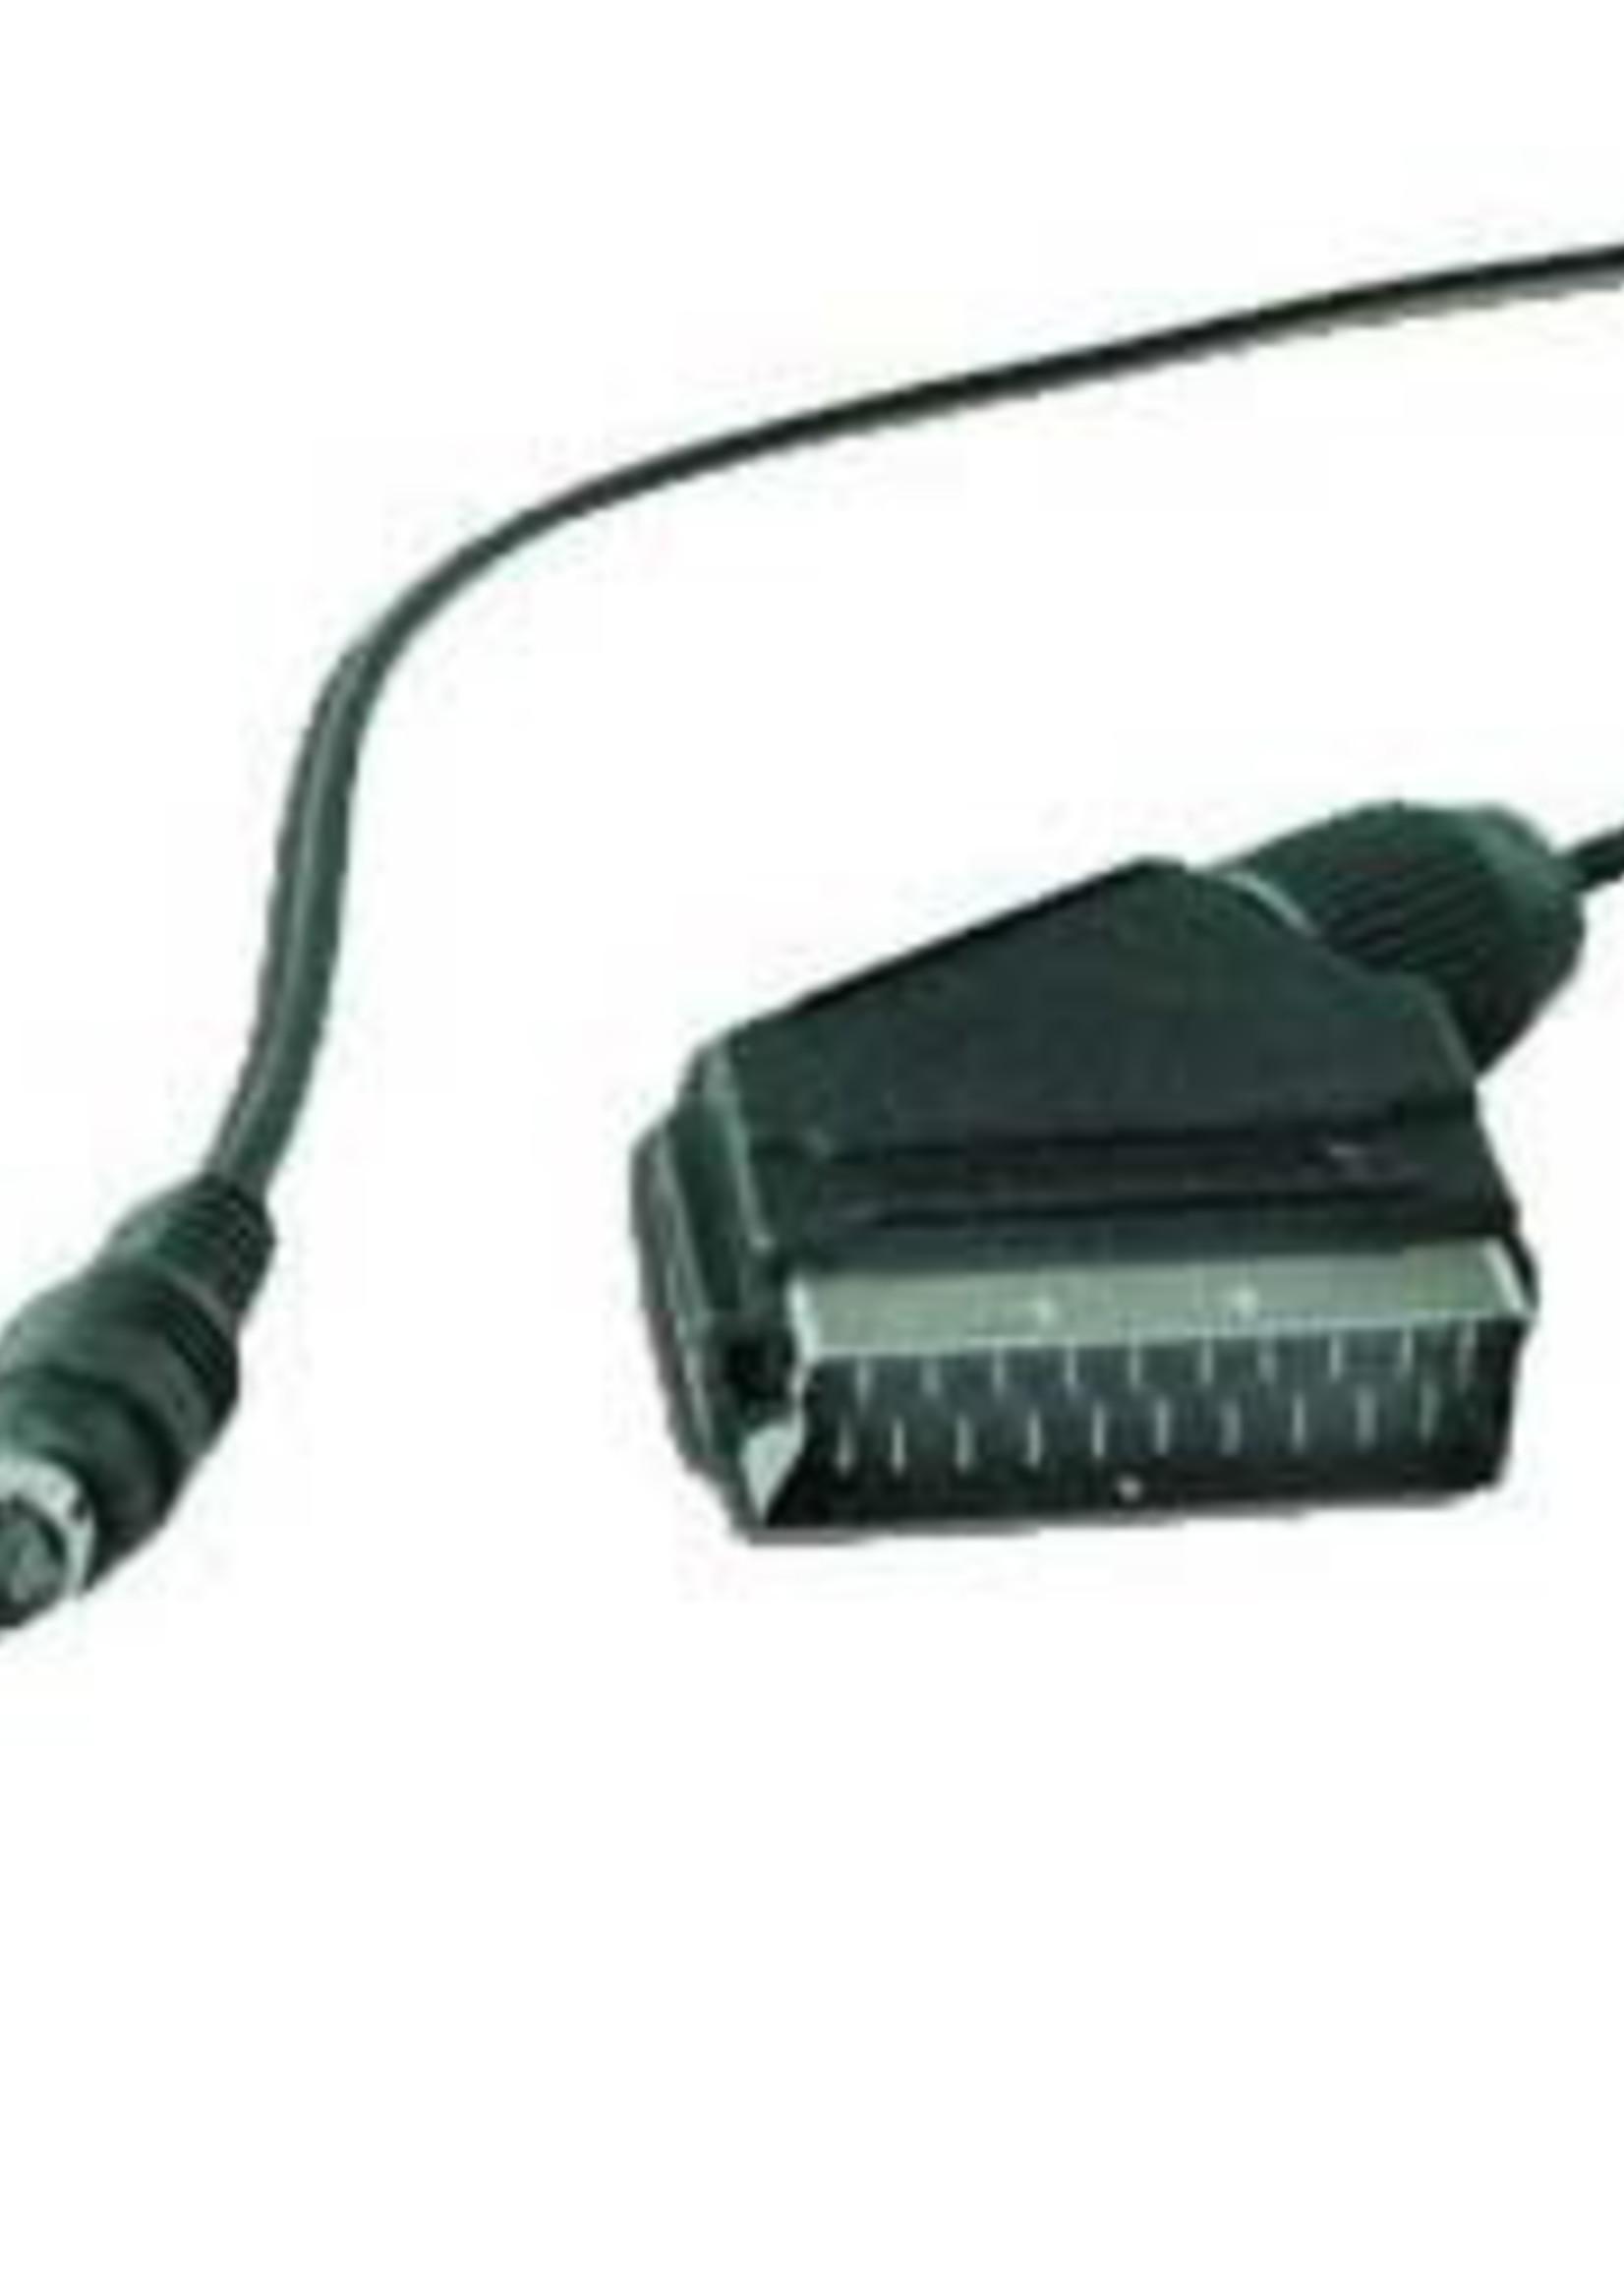 No-name SCART naar S-Video adapterkabel, 1,8 m